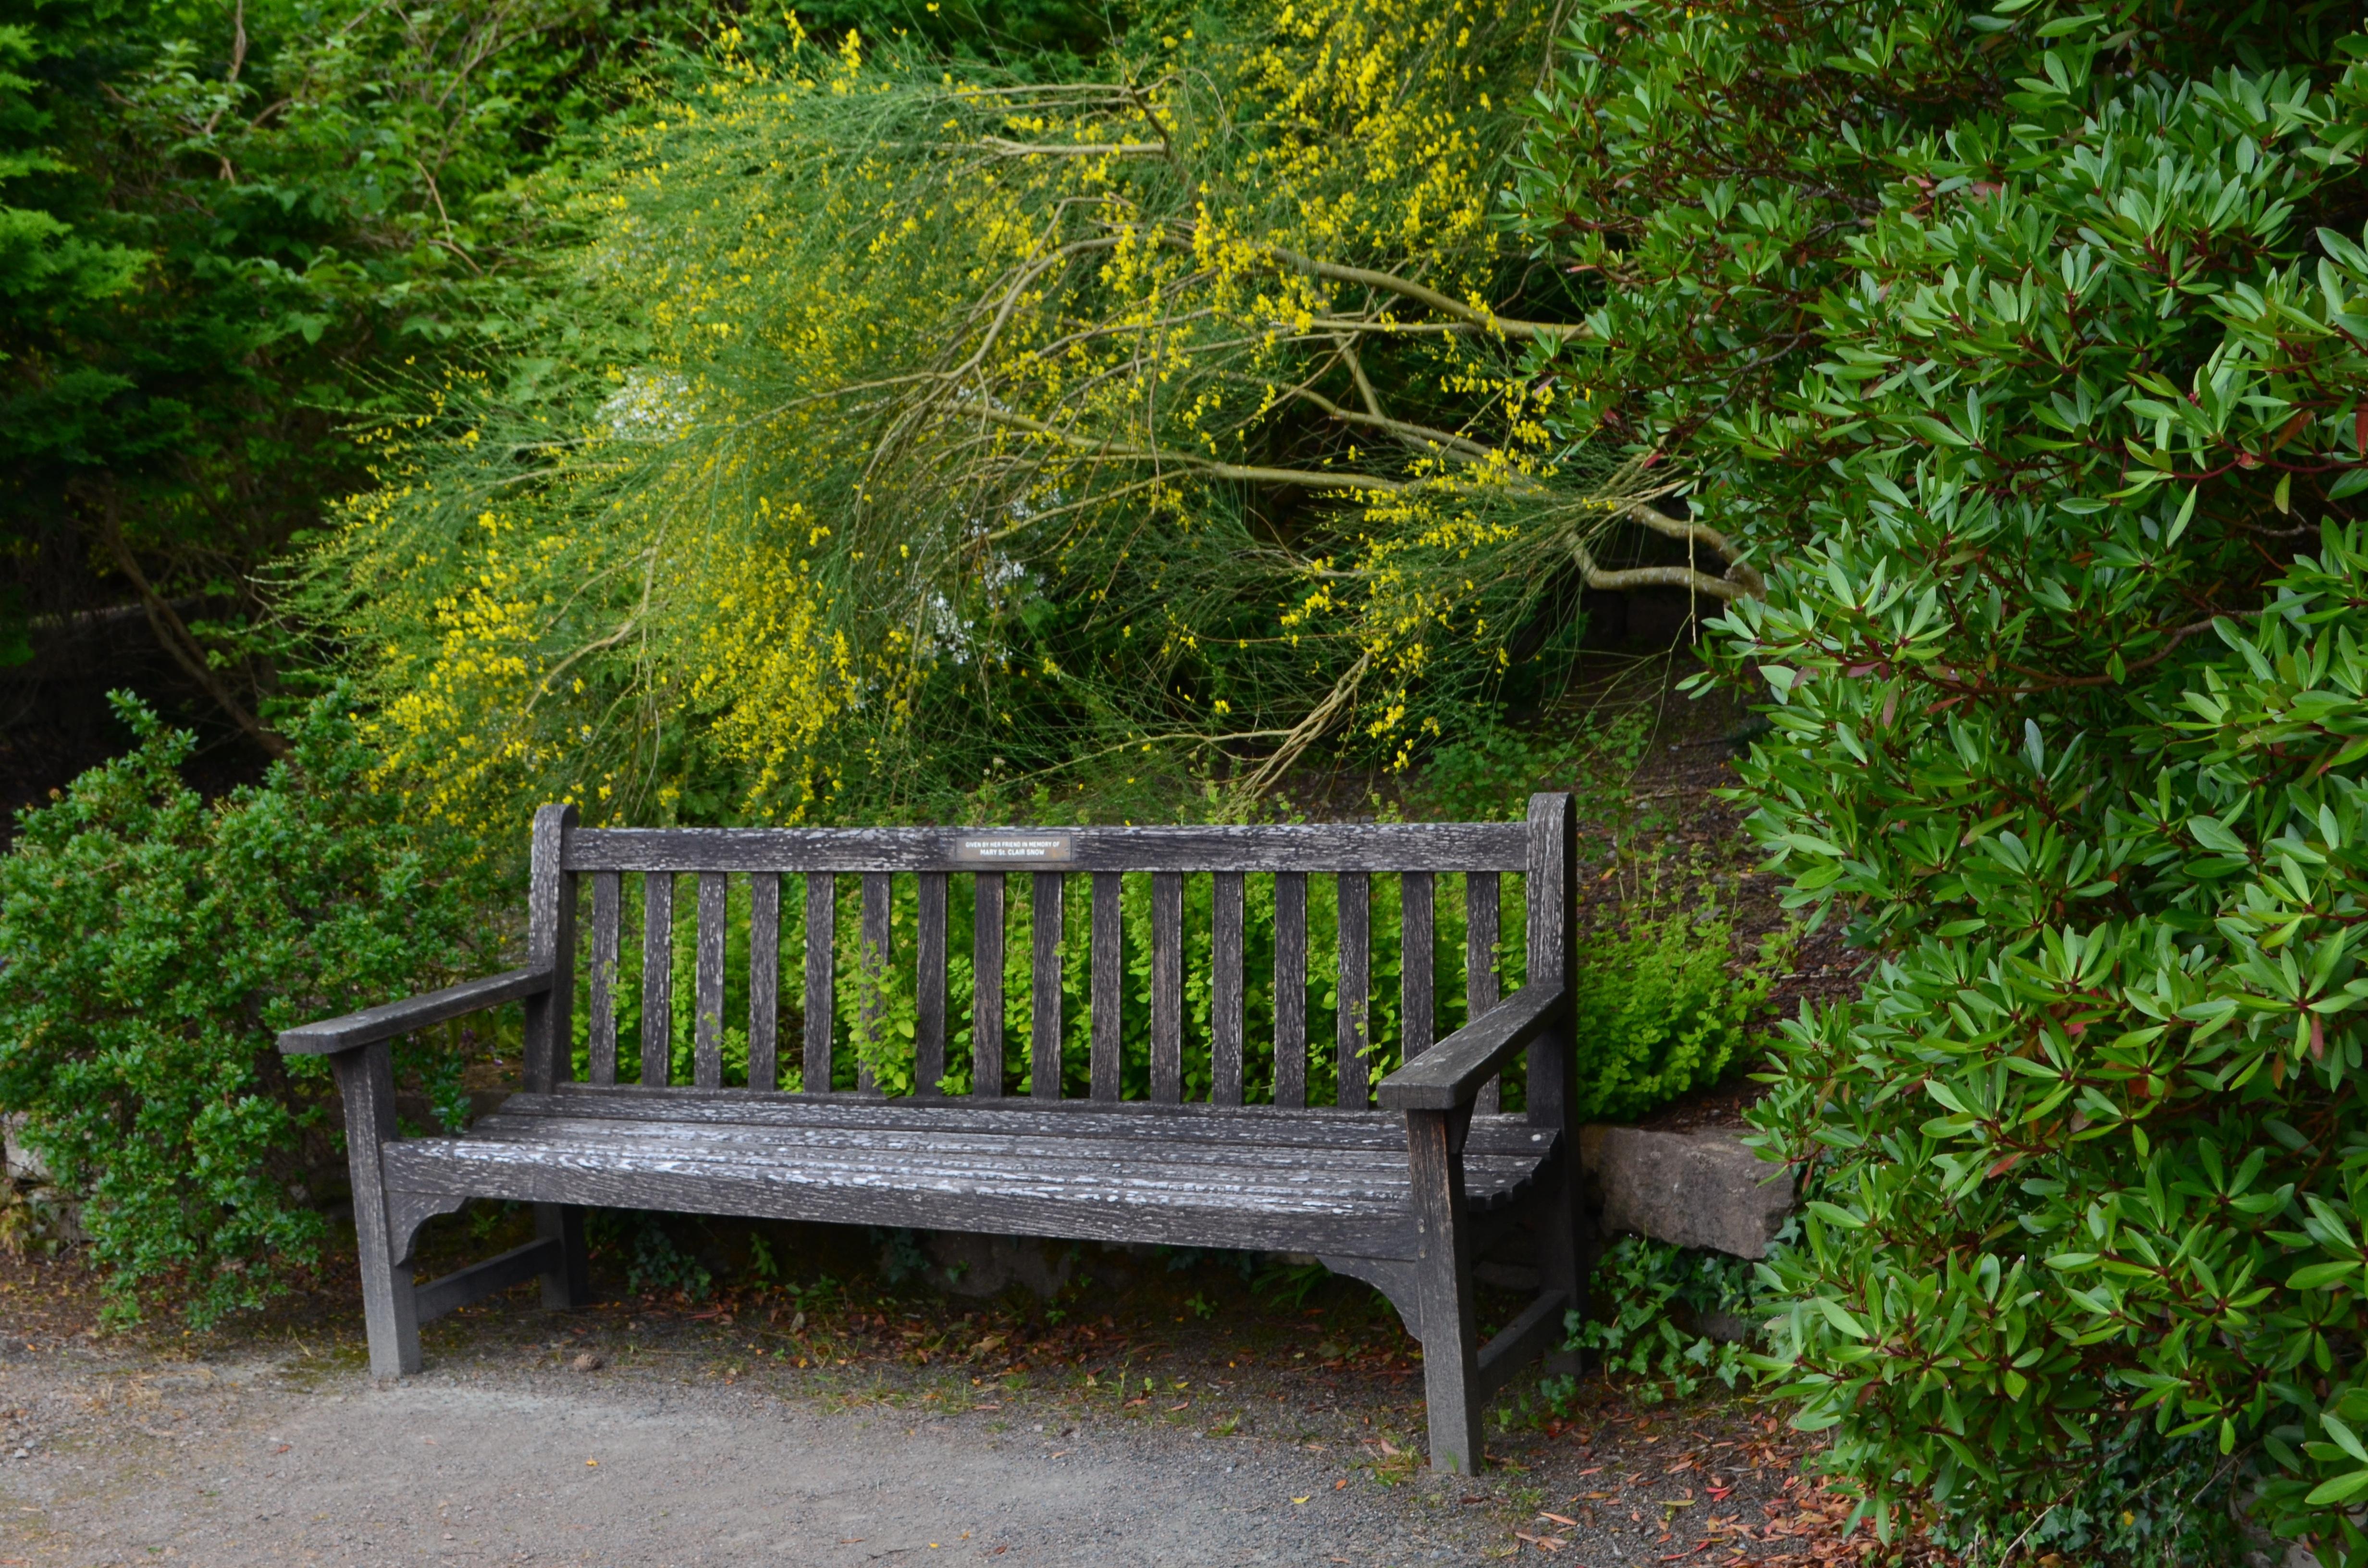 Fotos gratis : naturaleza, césped, banco, flor, cabaña, patio ...